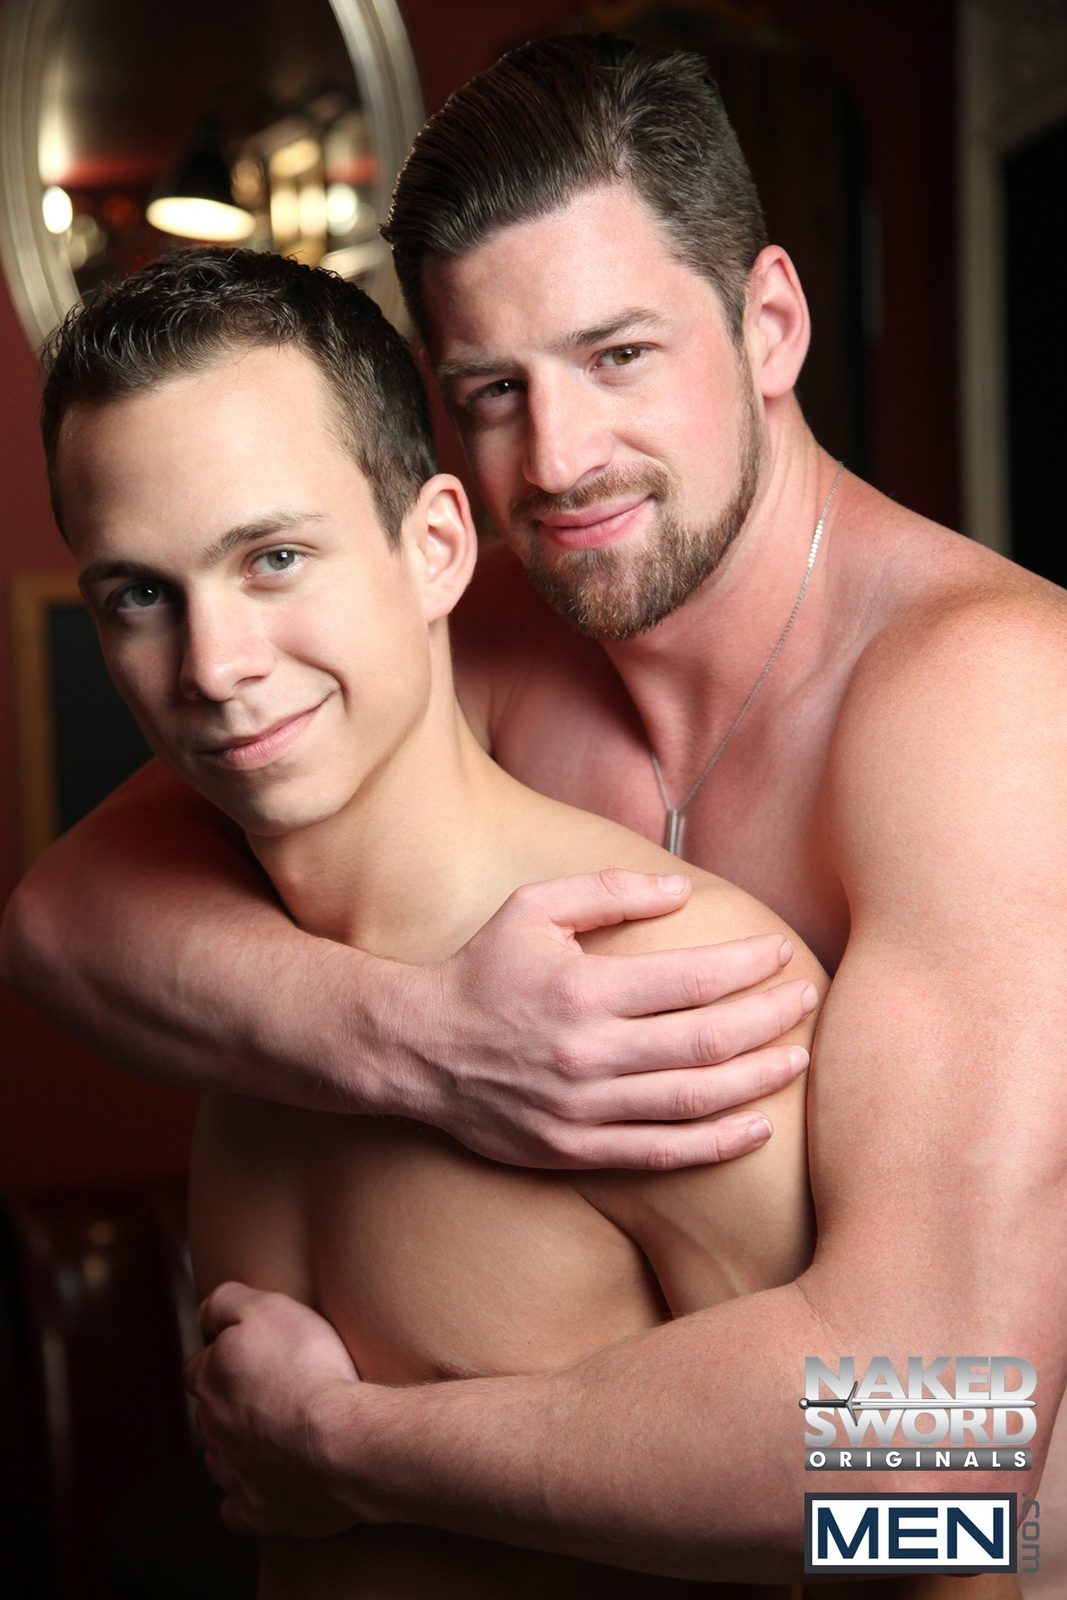 Fun Gay Dating Site for Meeting Men in Rome, GA